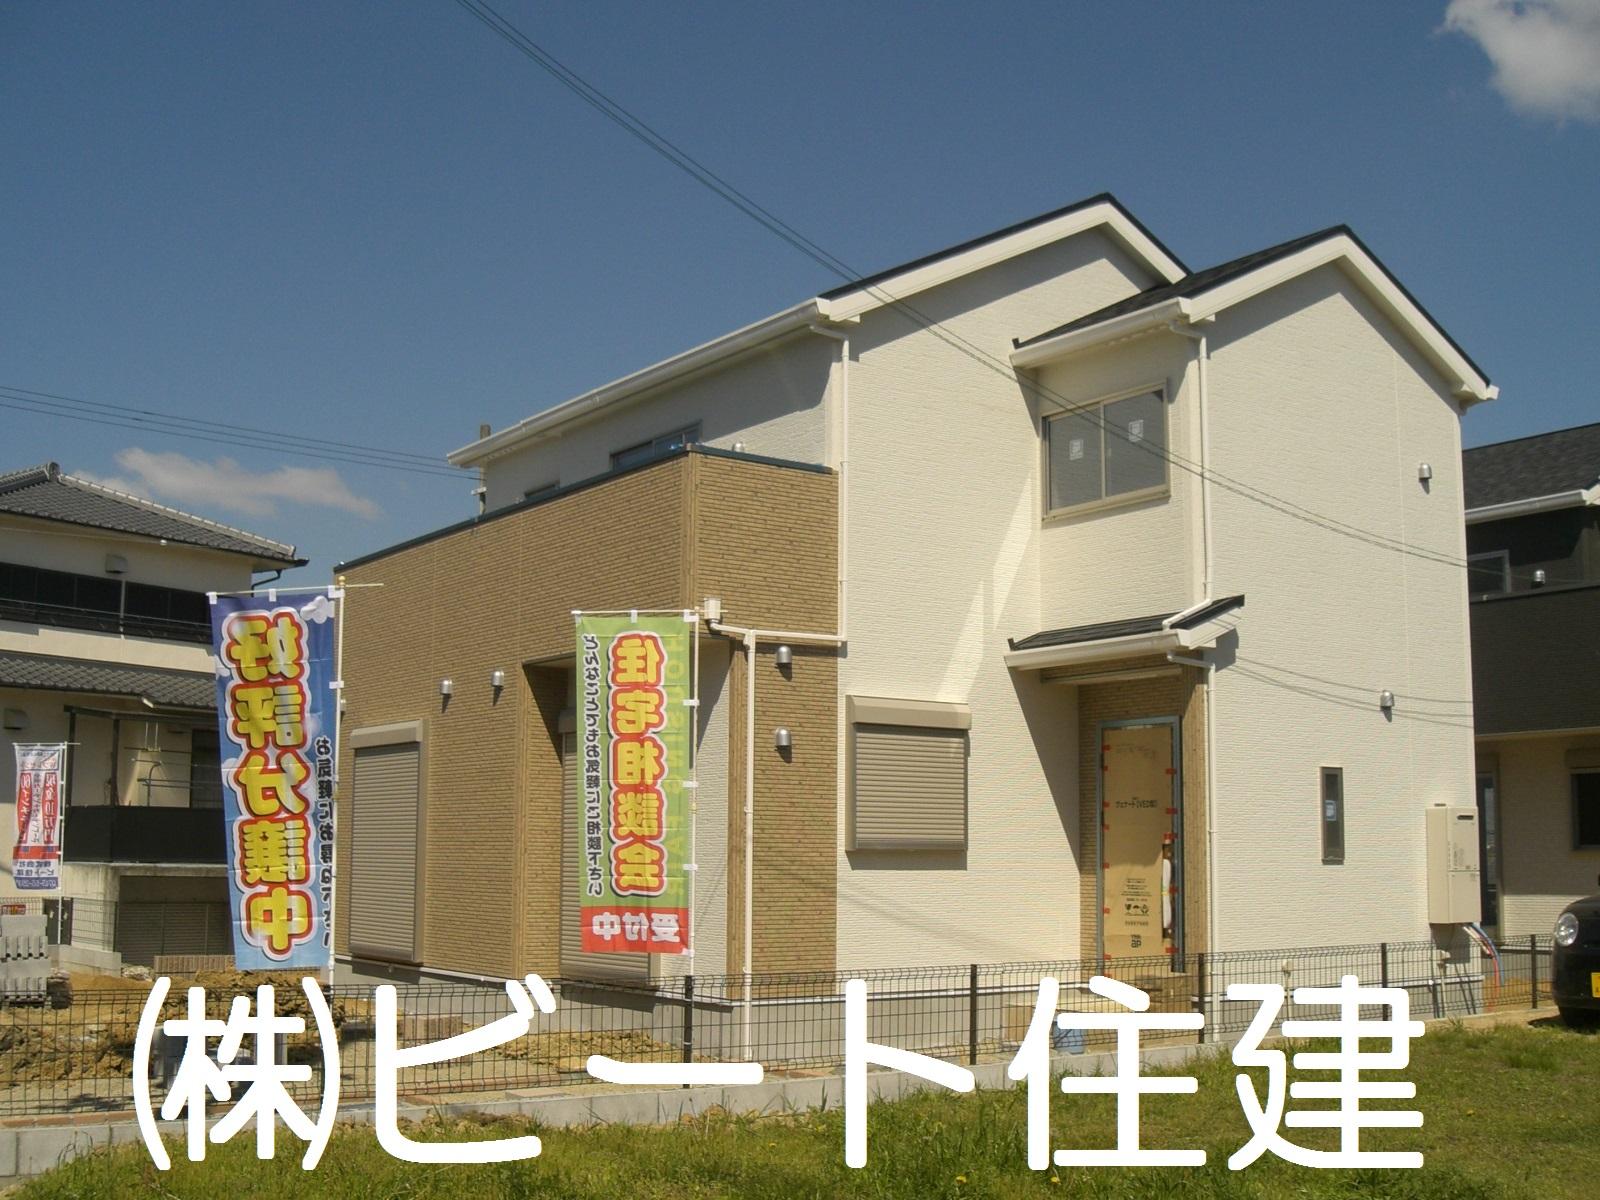 川合町 泉台 新築 全2棟 オープンハウス